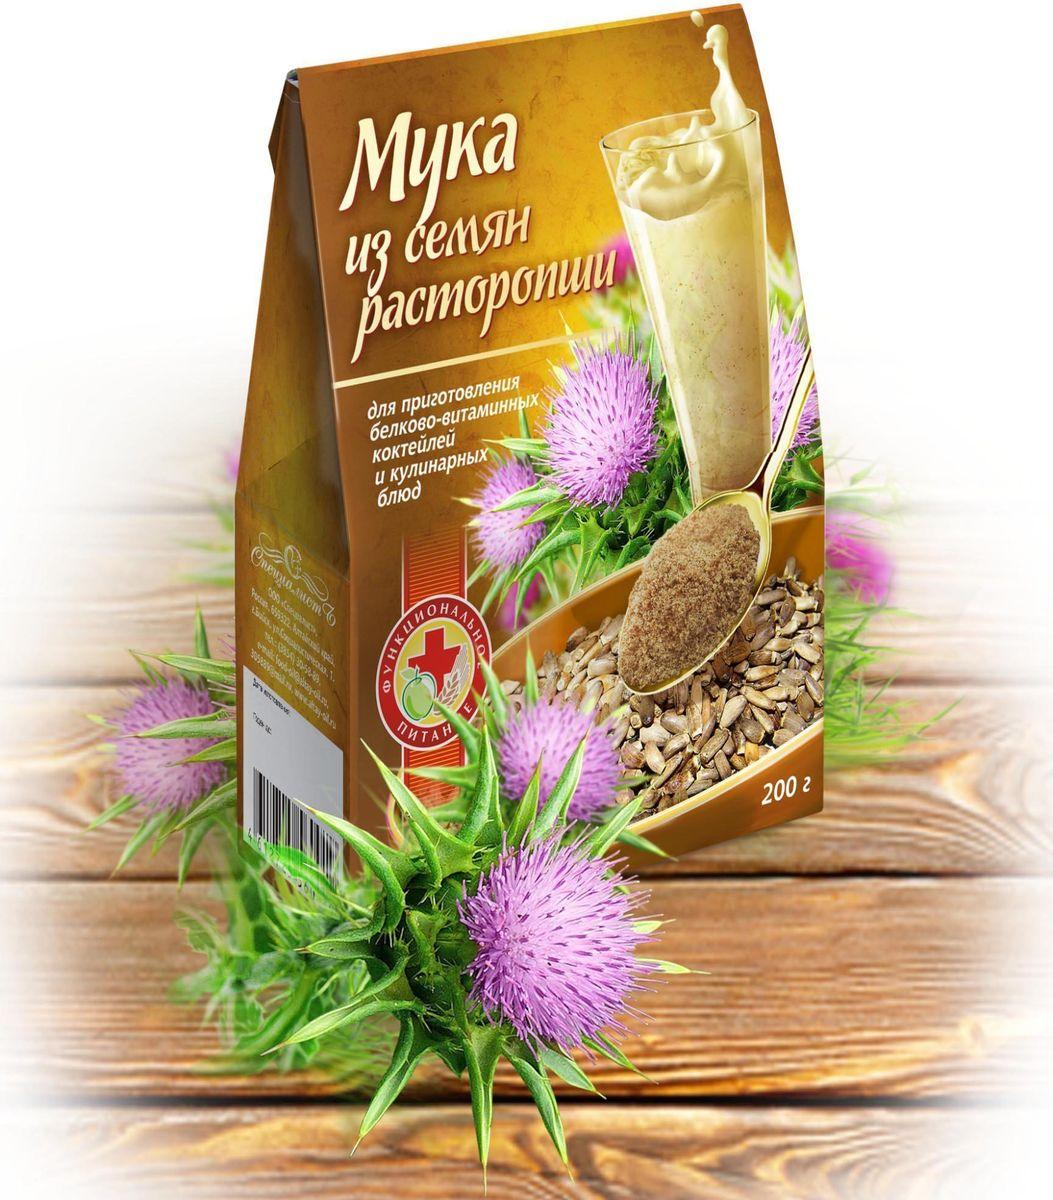 Organic Life мука расторопши, 200 г0120710Мука из семян расторопши содержит уникальный комплекс флавоноидов - силимарин. Исследования показали, что силимарин обладает антиоксидантными свойствами и предотвращает повреждения печени, вызываемые токсинами и лекарствами. Мука из семян расторопши богата клетчаткой, которая способствует нормализации работы пищеварительной системы. Регулярное употребление муки из семян расторопши улучшит работу печени и кишечника. Она просто необходима людям, которые работают в неблагоприятных условиях труда или живут в неблагополучной экологической обстановке.